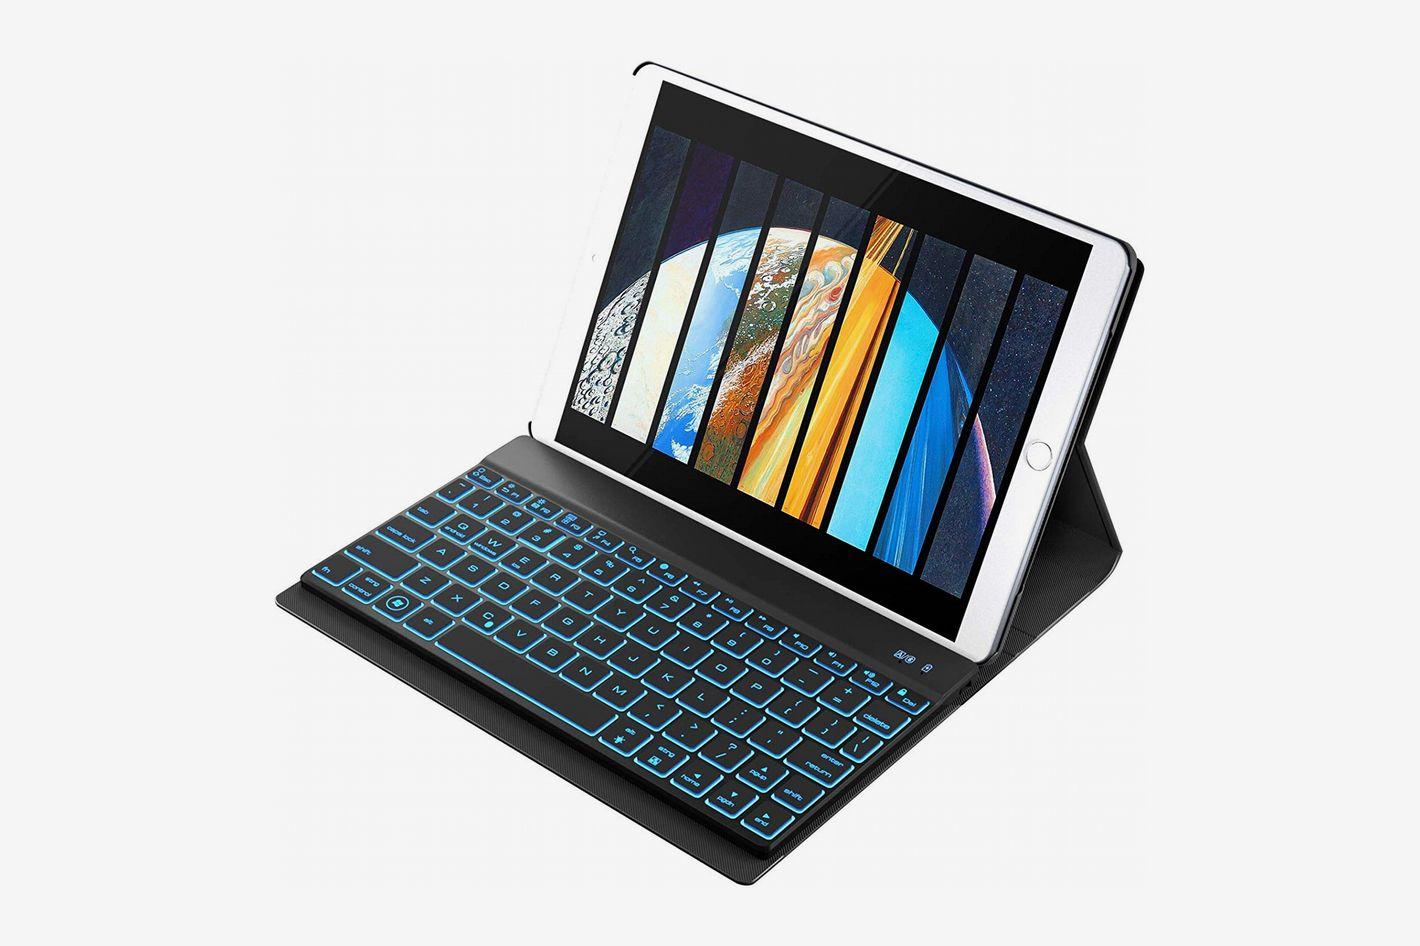 a06bc30550 YEKBEE iPad Keyboard Case for New 2018 iPad, 2017 iPad, iPad Pro 9.7,